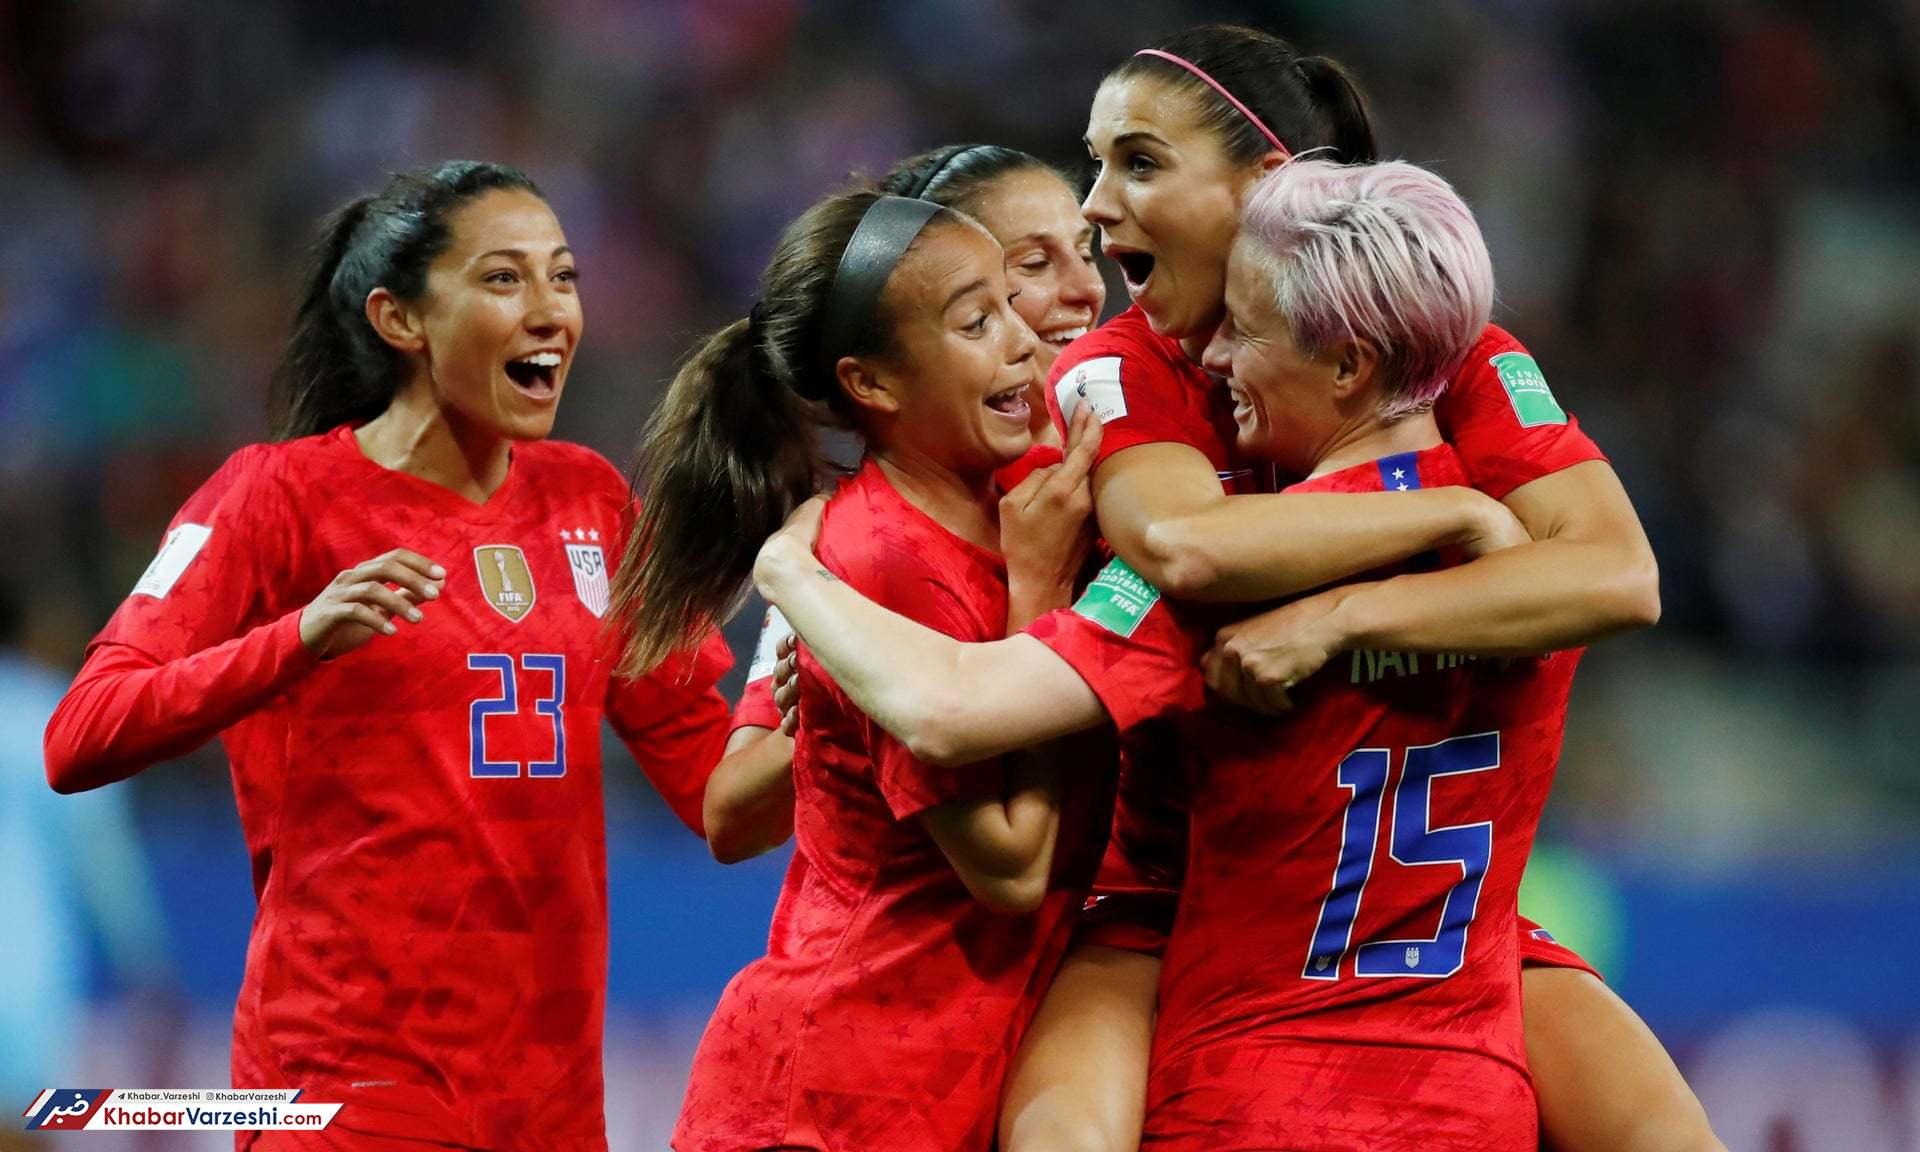 جام جهانی فوتبال زنان 2019؛ آمریکا 13 - تایلند صفر زنان تایلند فقط 13 گل از آمریکا خوردند!